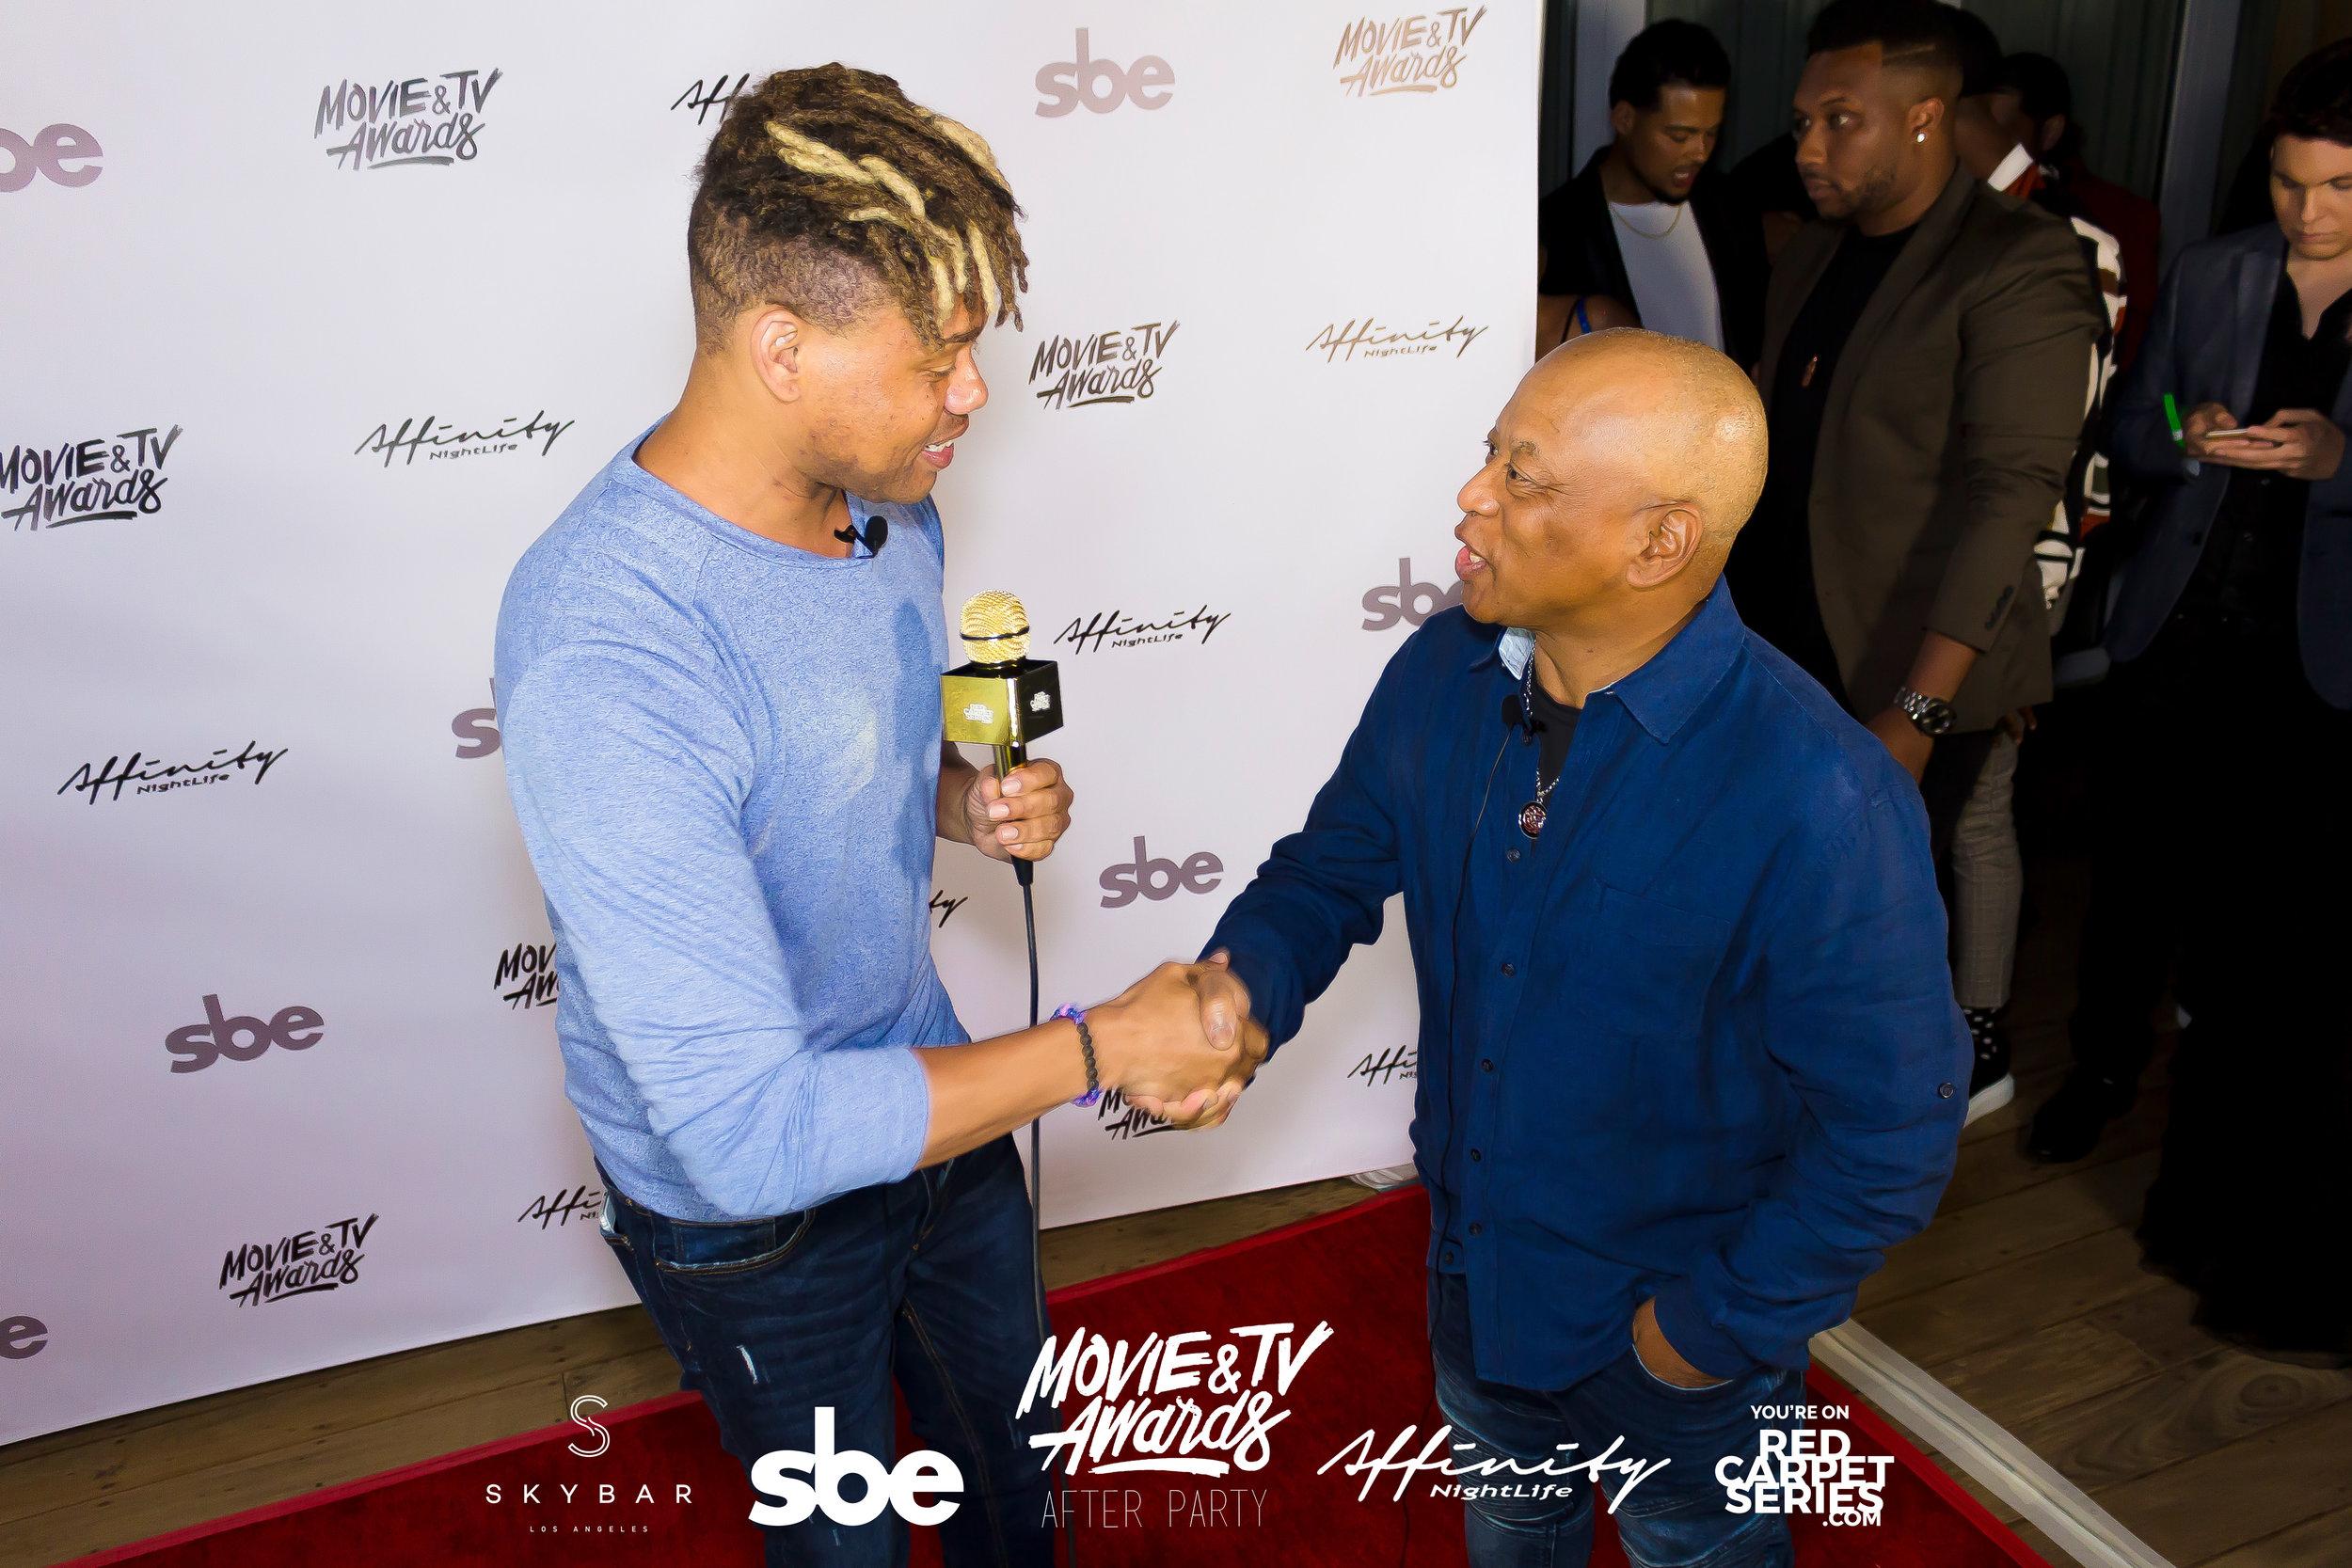 Affinity Nightlife MTV Movie & TV Awards After Party - Skybar at Mondrian - 06-15-19 - Vol. 1_42.jpg